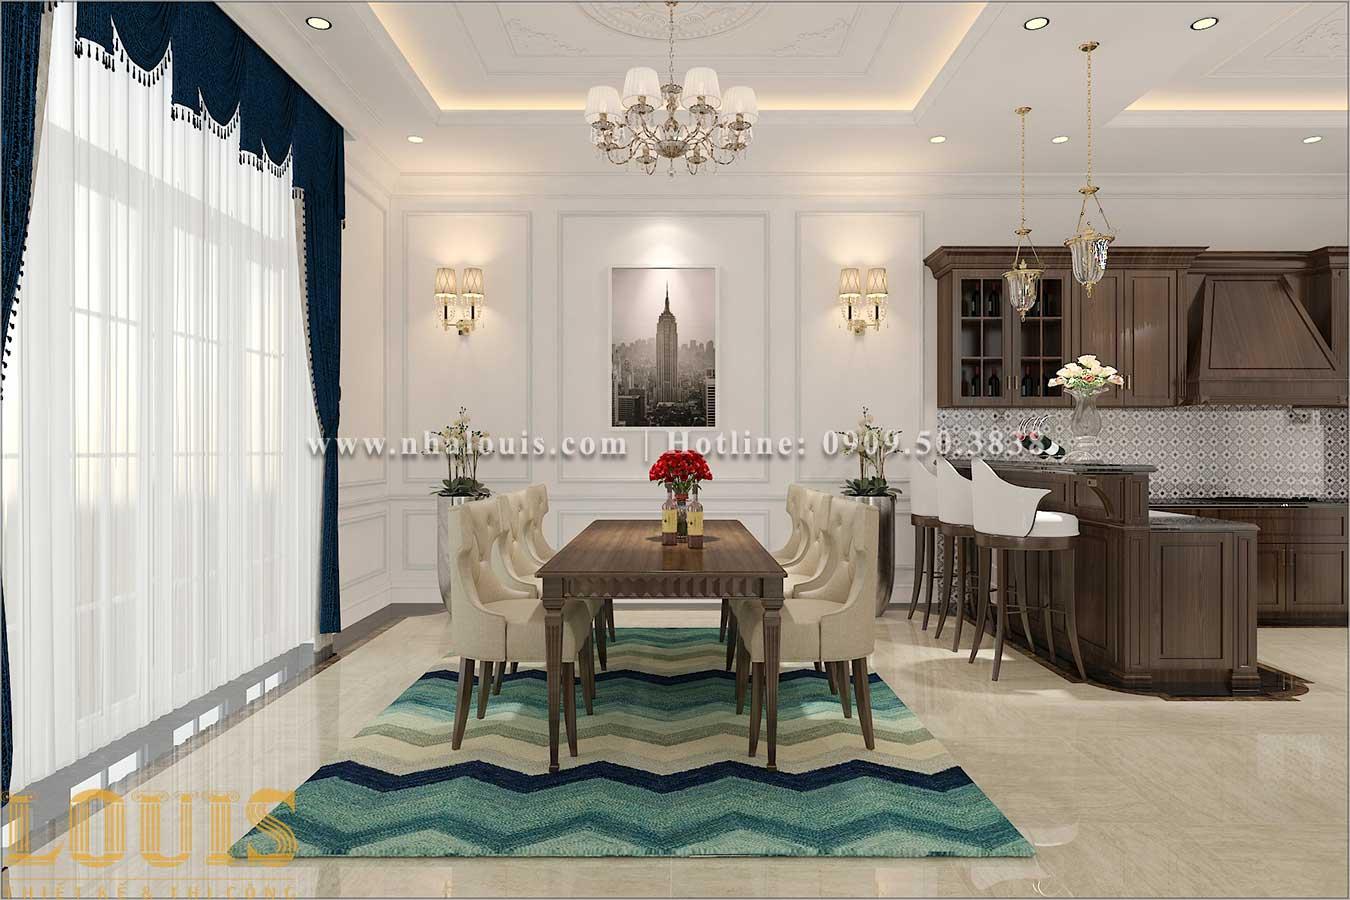 Phòng ăn Thiết kế biệt thự 3 tầng tân cổ điển đẹp lộng lẫy tại Bình Dương